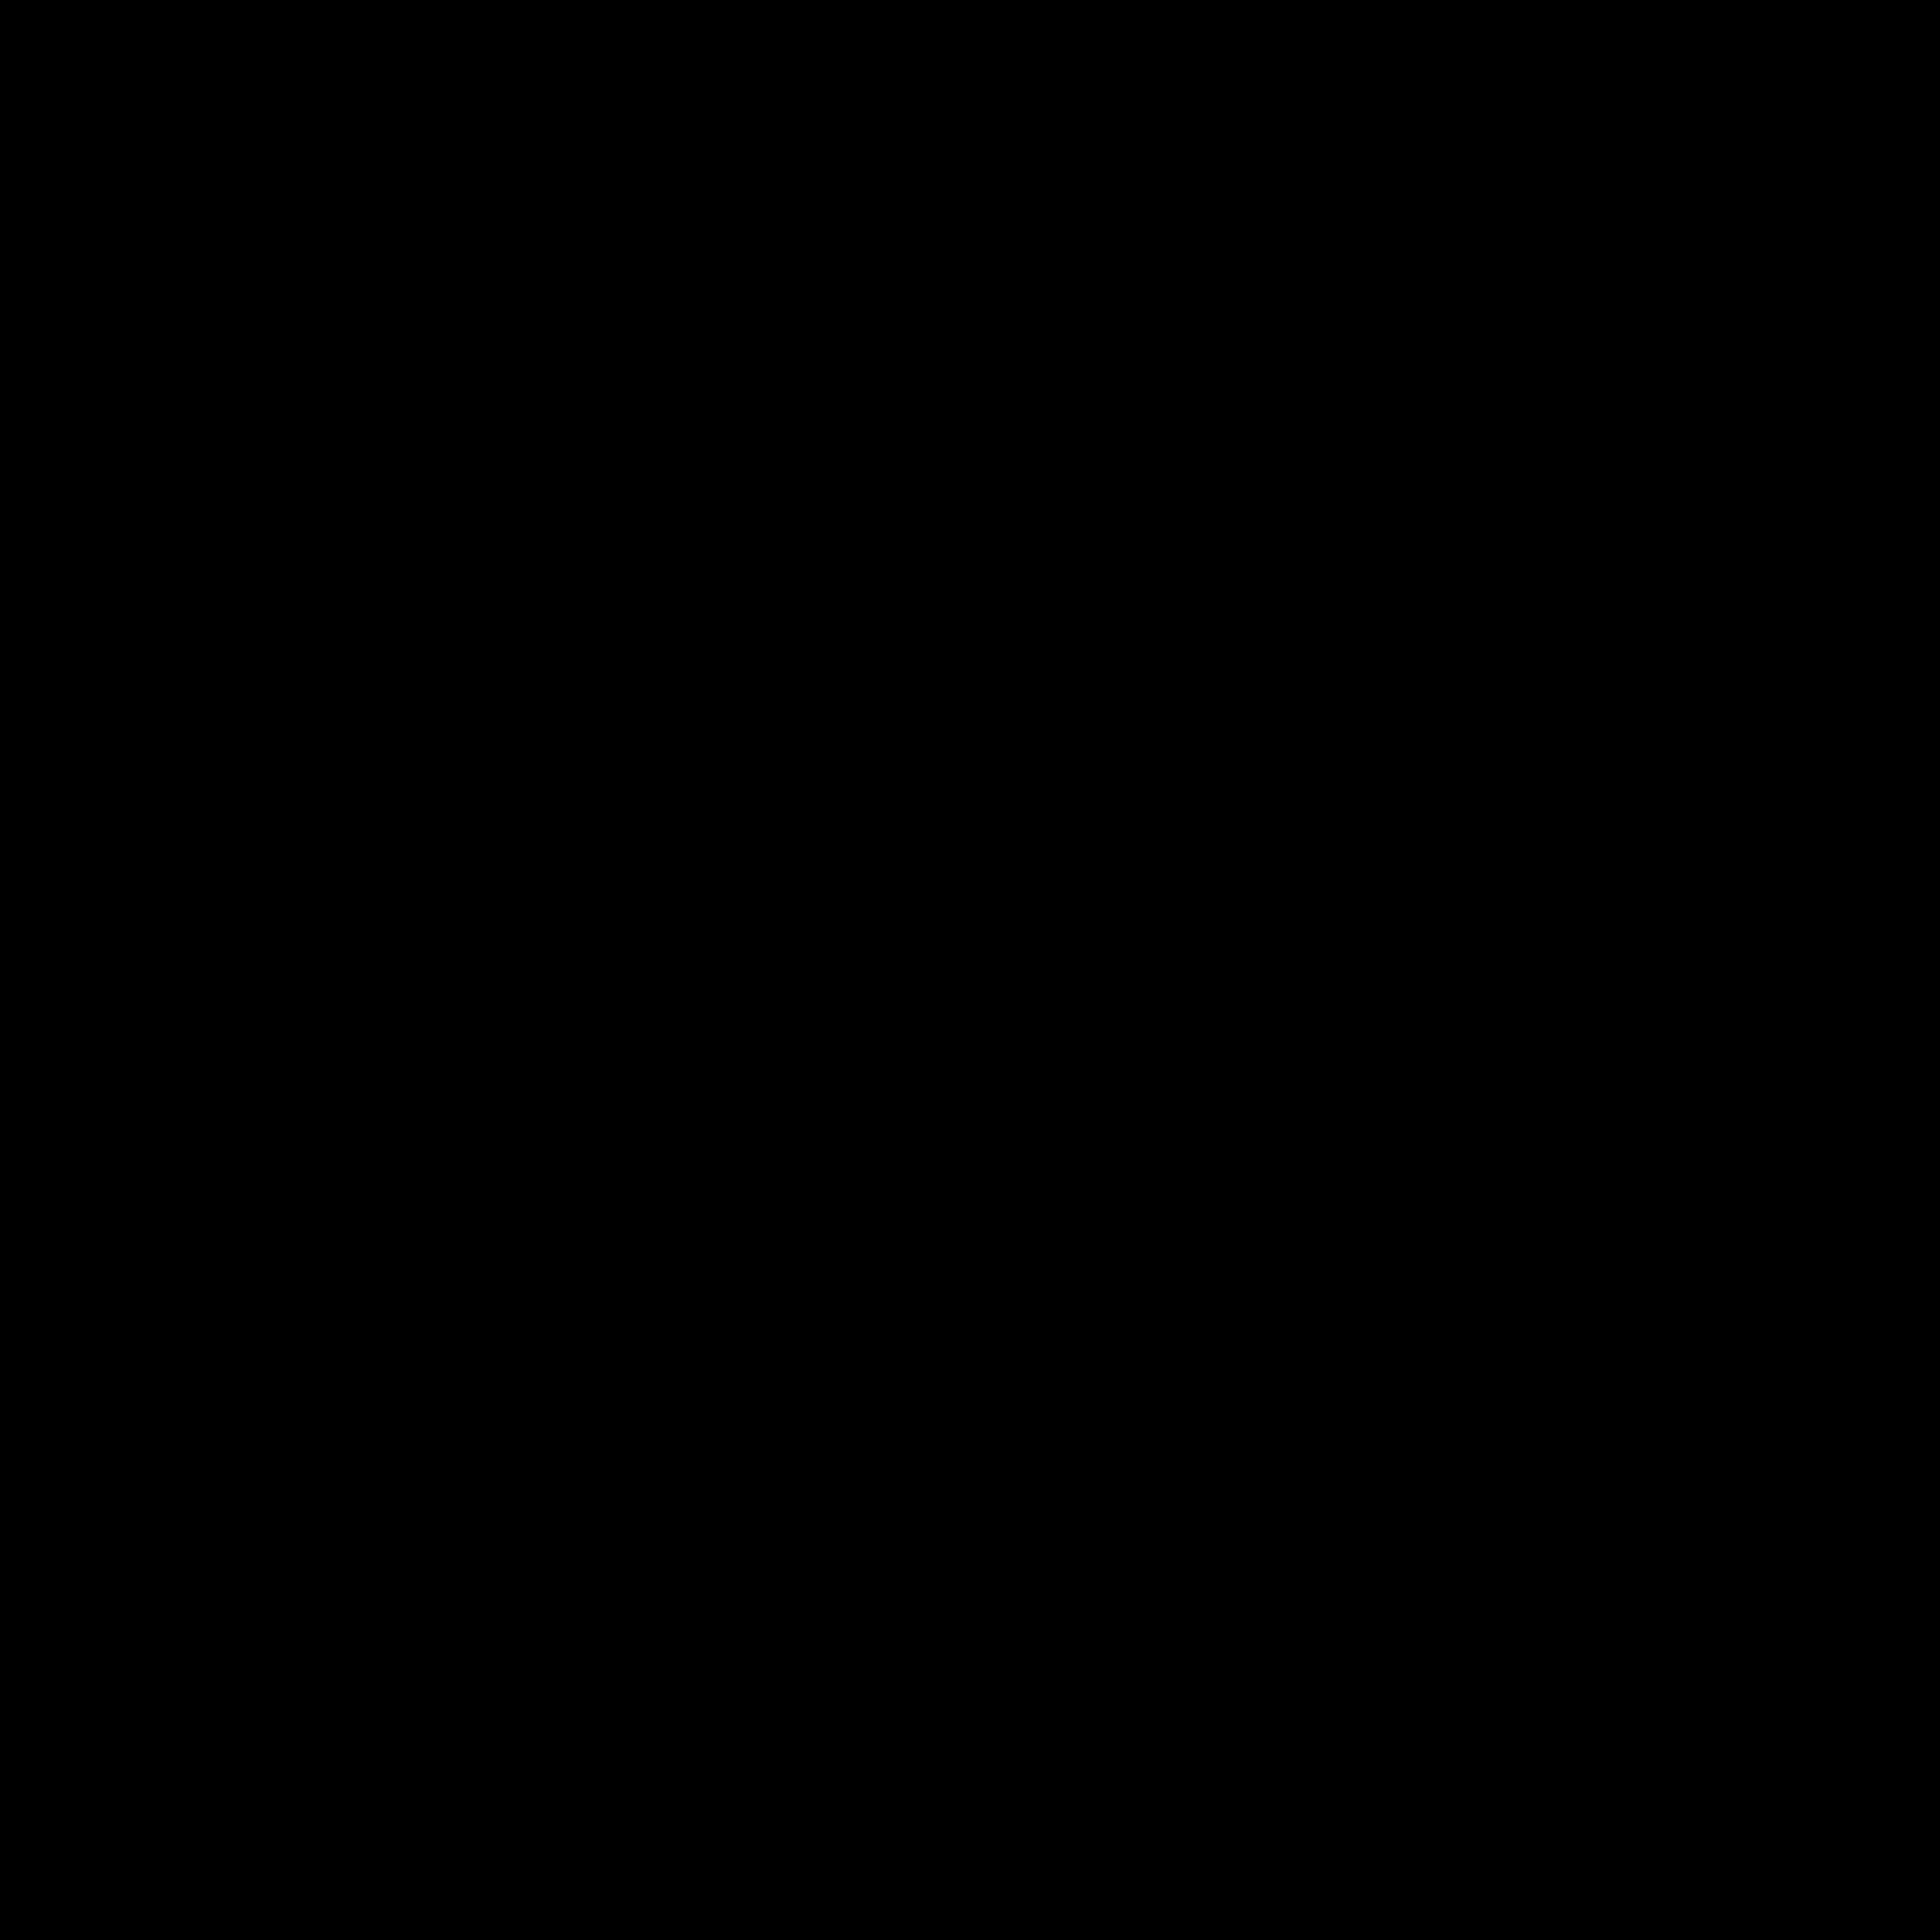 AB3-63LB